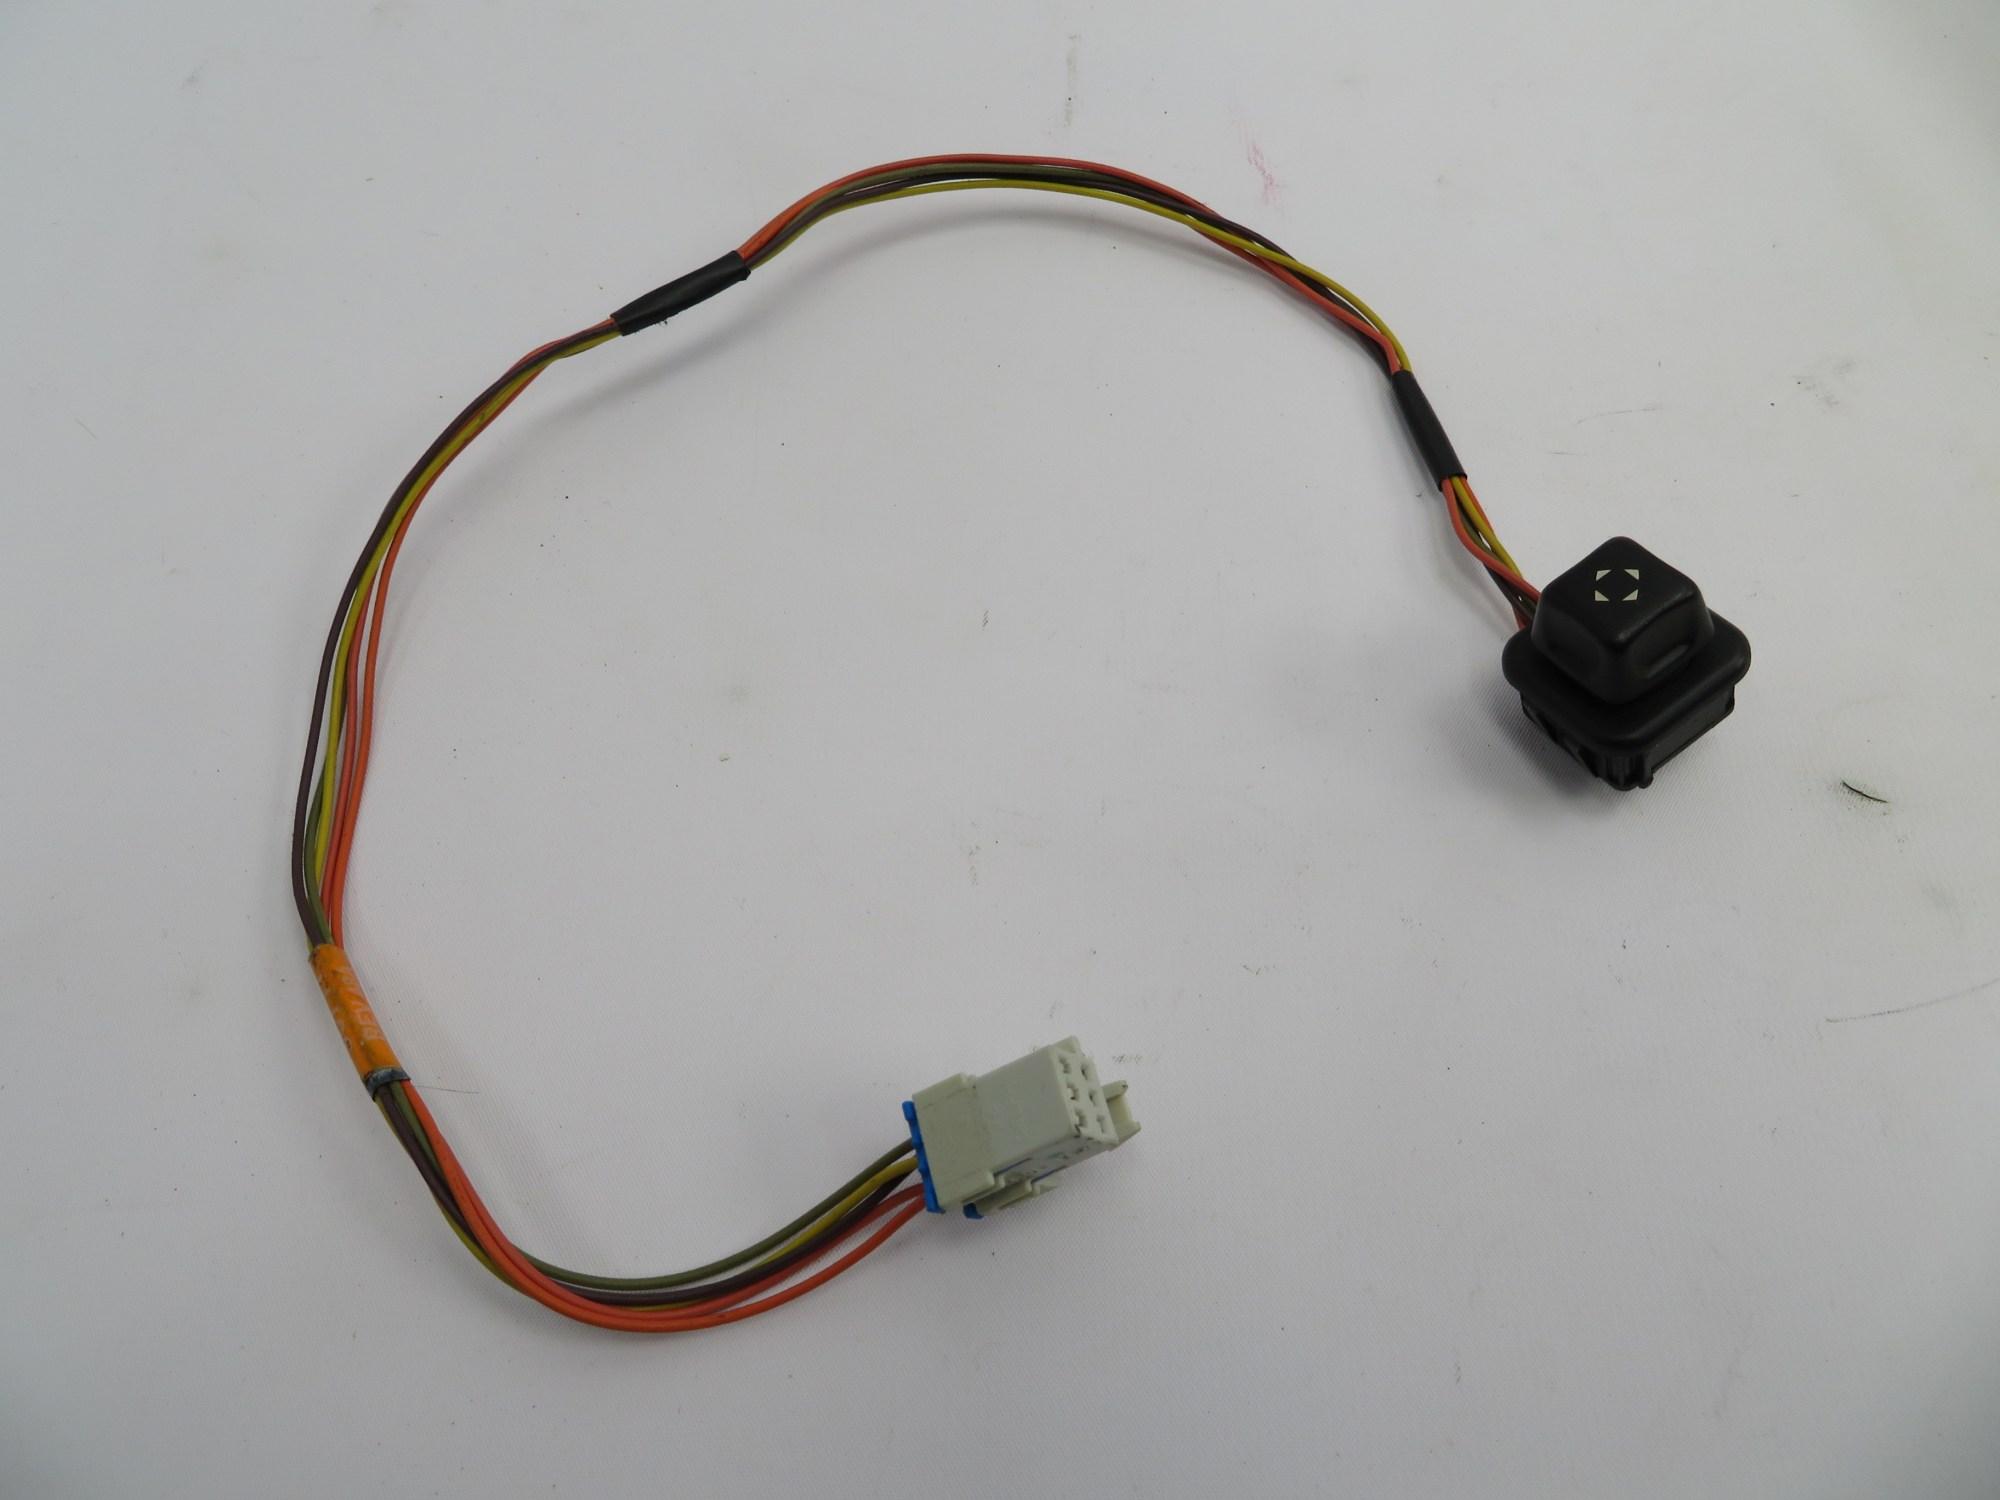 hight resolution of cadillac xlr wiring